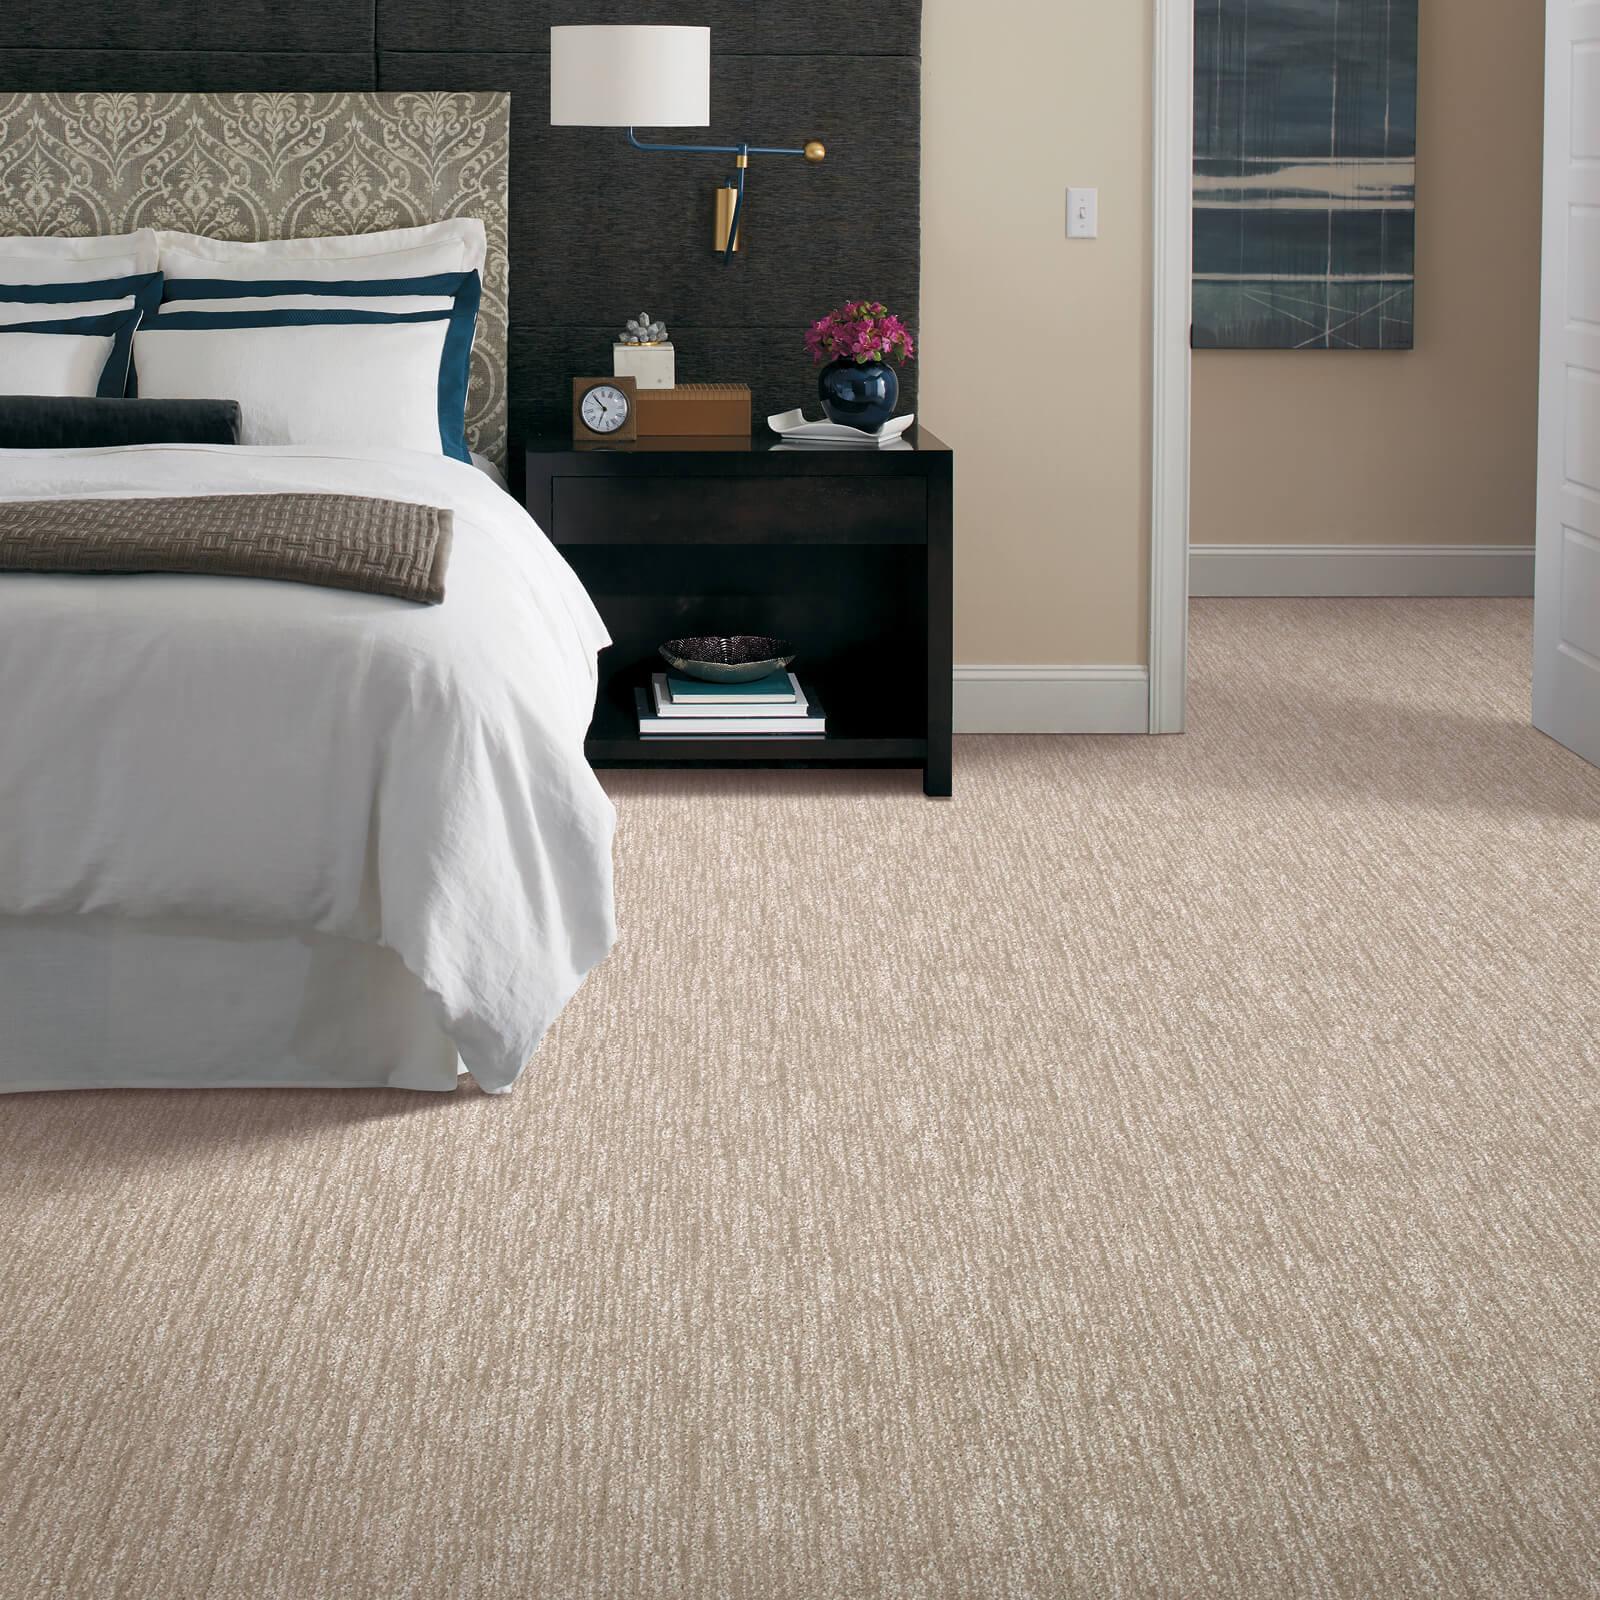 Carpet in bedroom   West Michigan Carpet Center